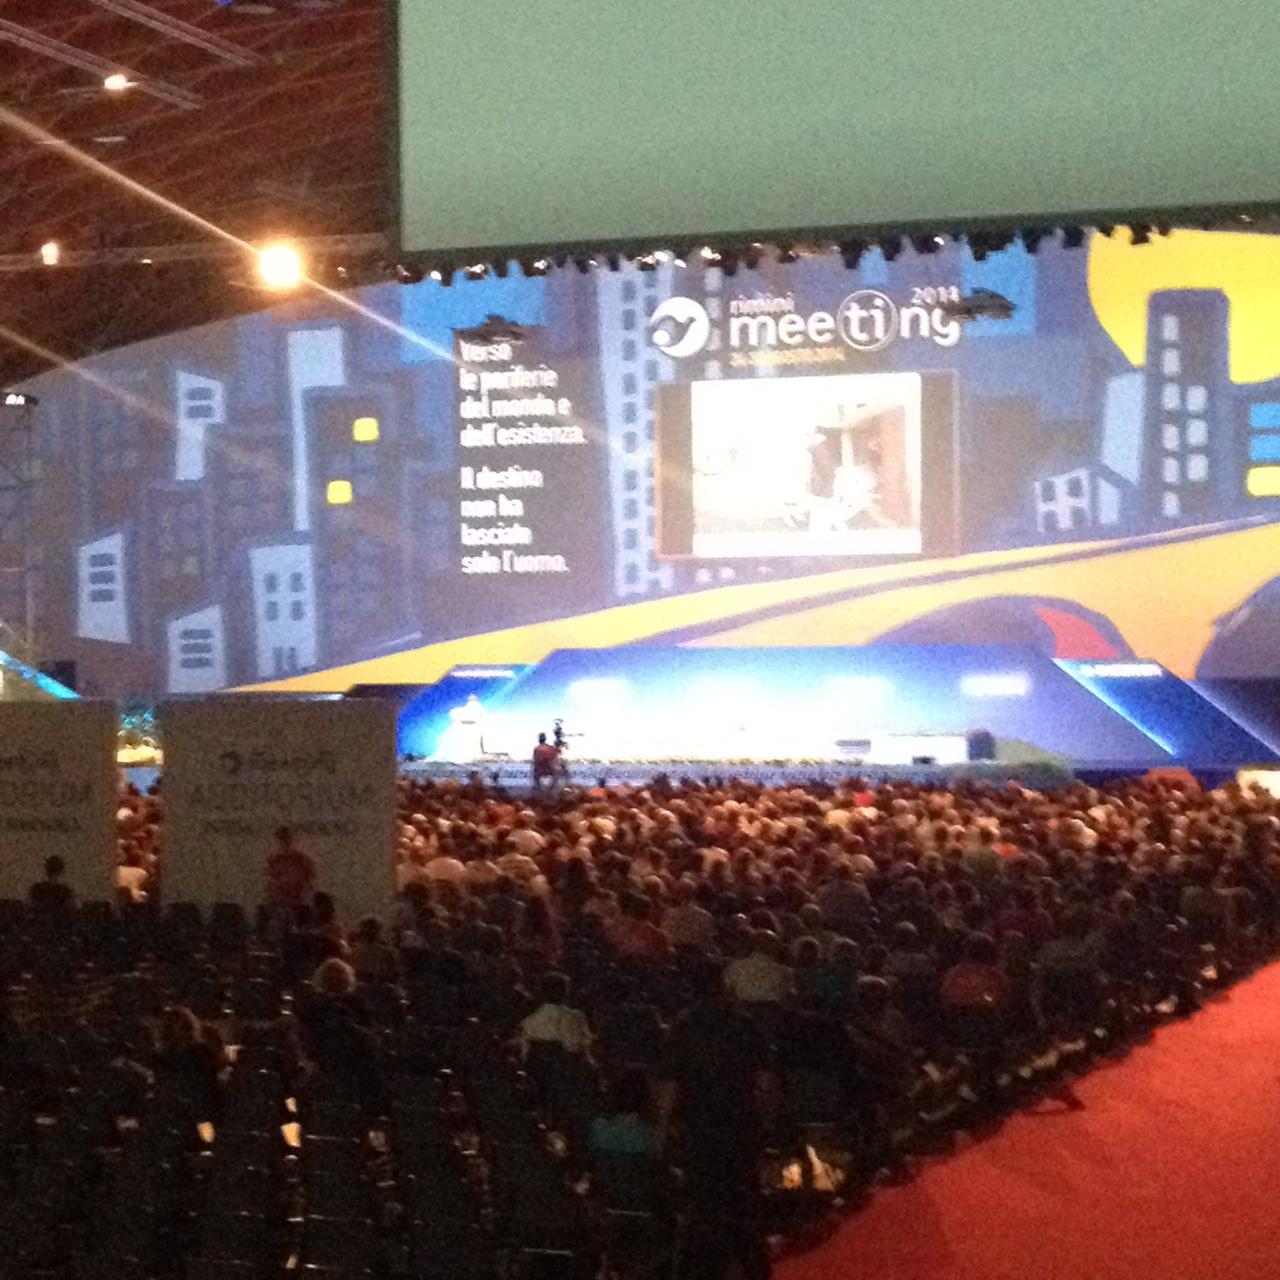 Доклады на форуме слушают тысячи людей из разных стран мира